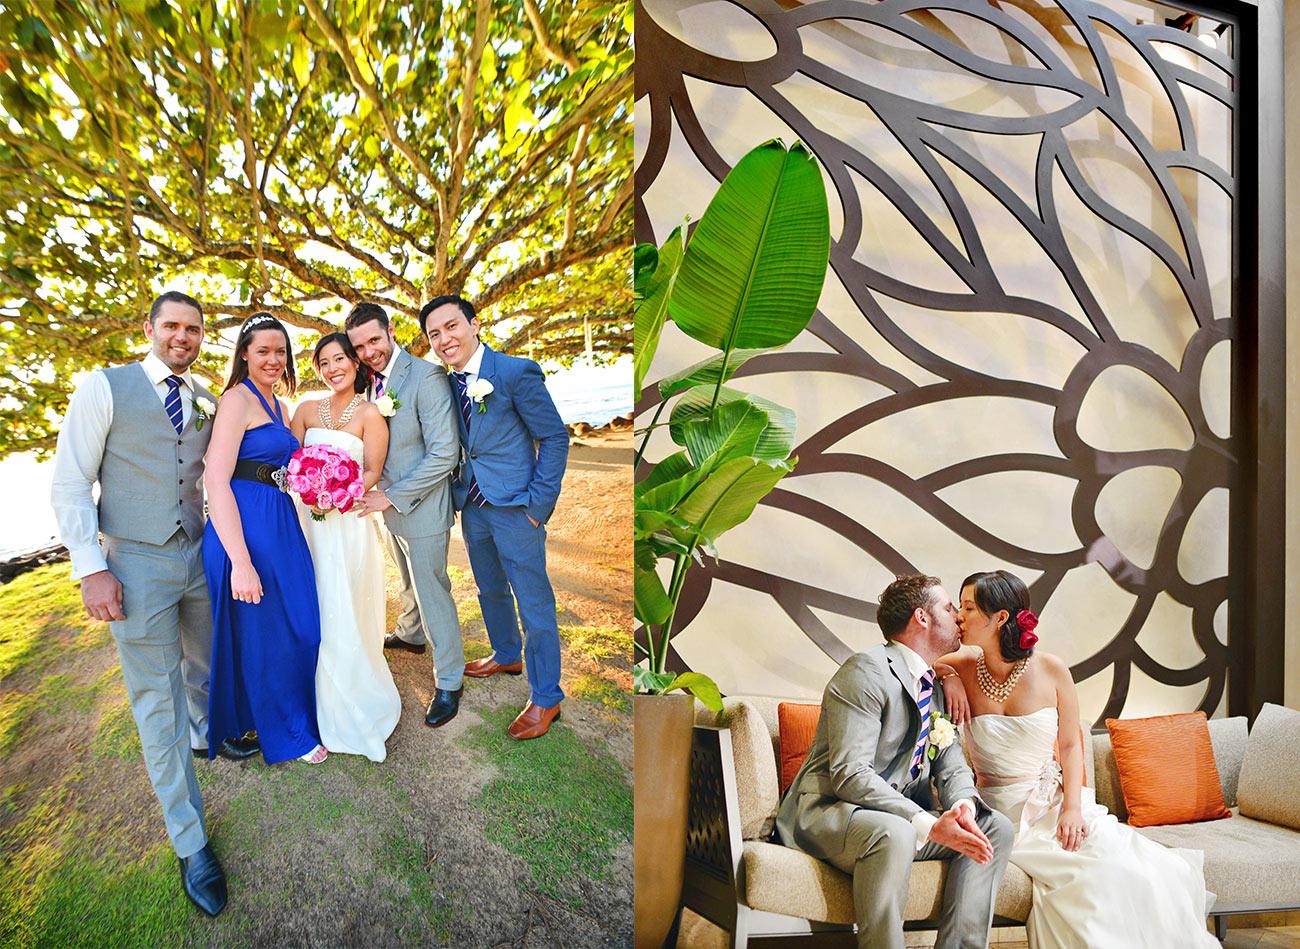 Kauai-Island-Hawaii-wedding-photo-(88).jpg